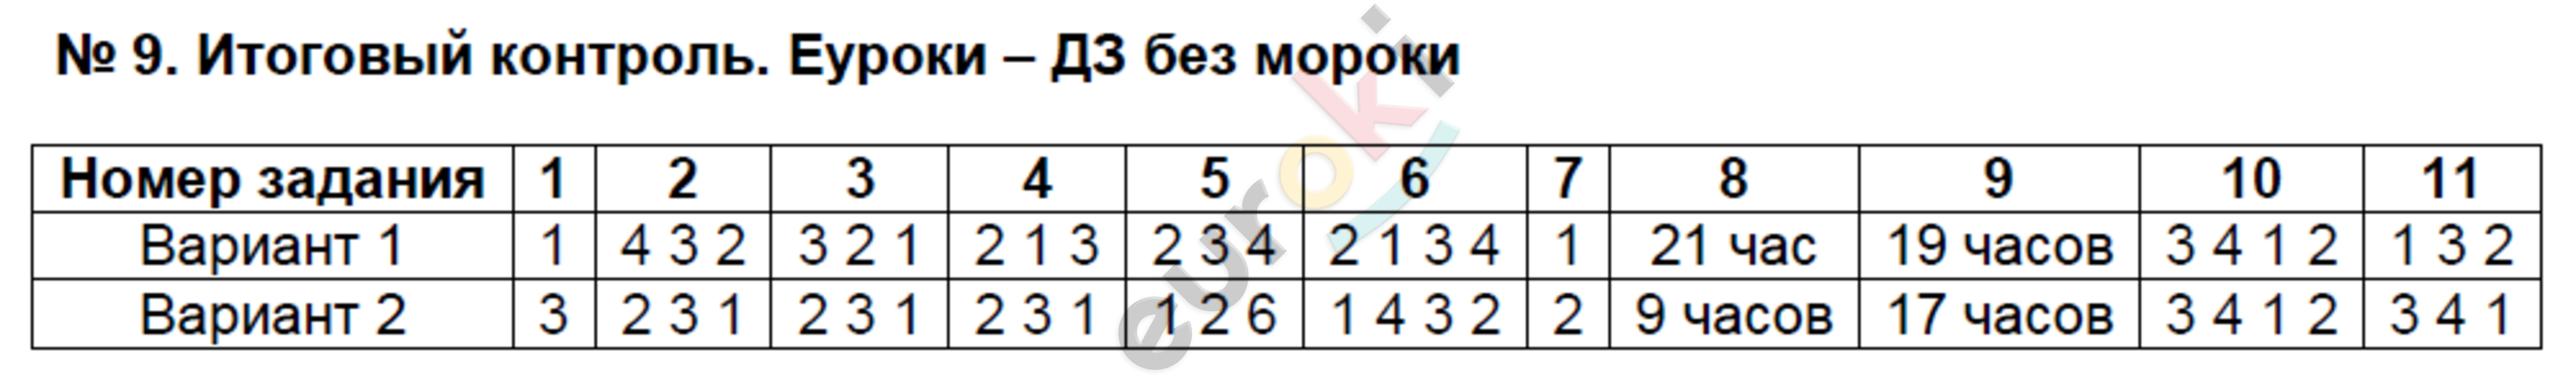 ГДЗ по географии 8 класс тесты Пятунин Итоговый контроль. Задание: №9. Итоговый контроль